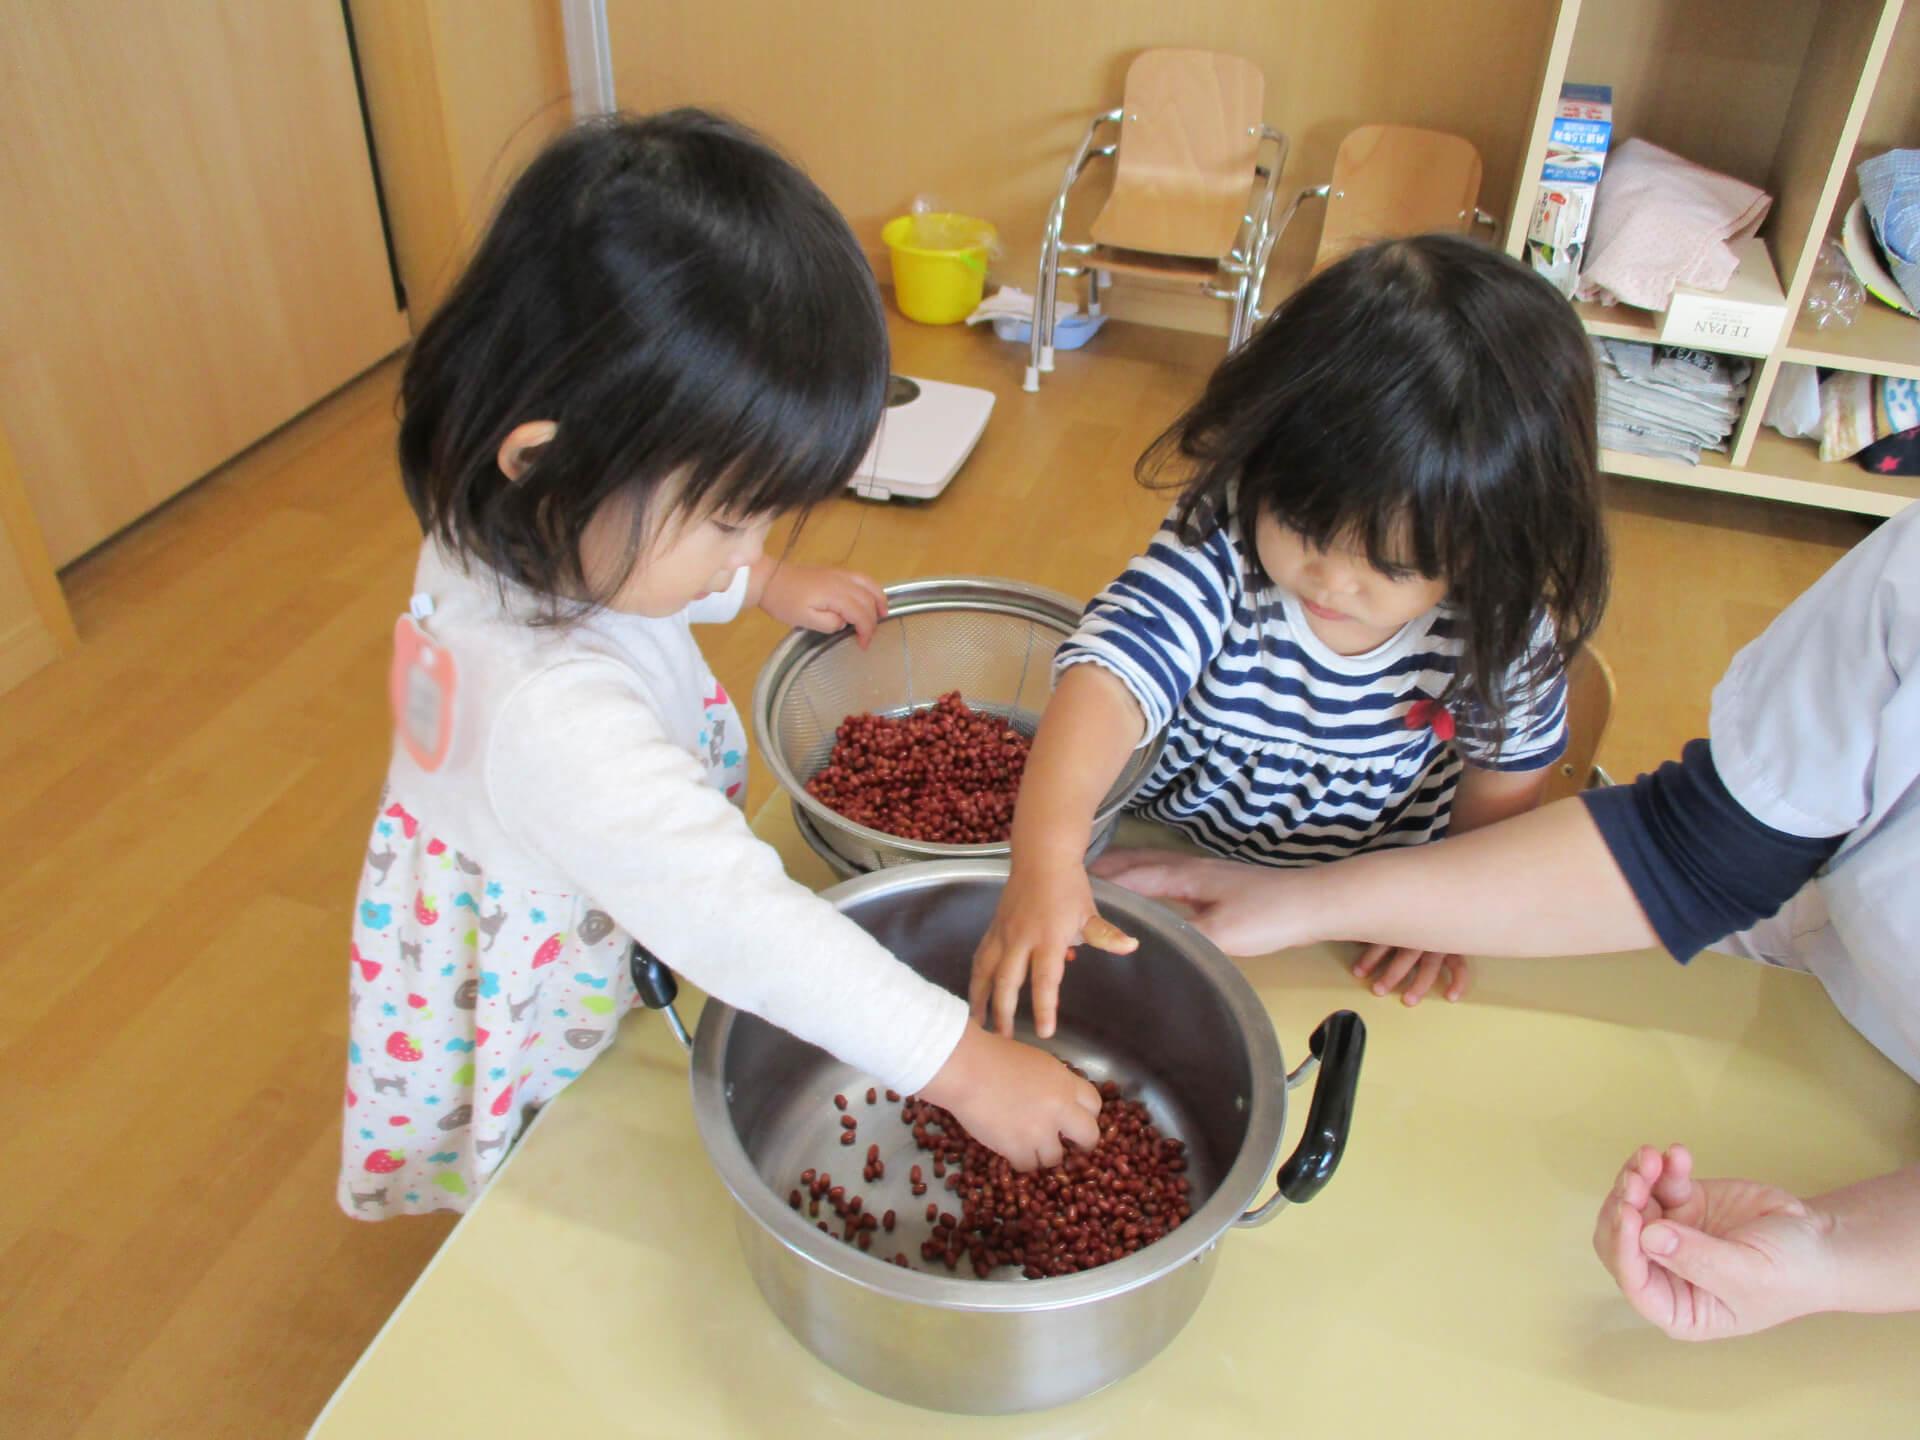 小豆からあんこ作りする子どもたち